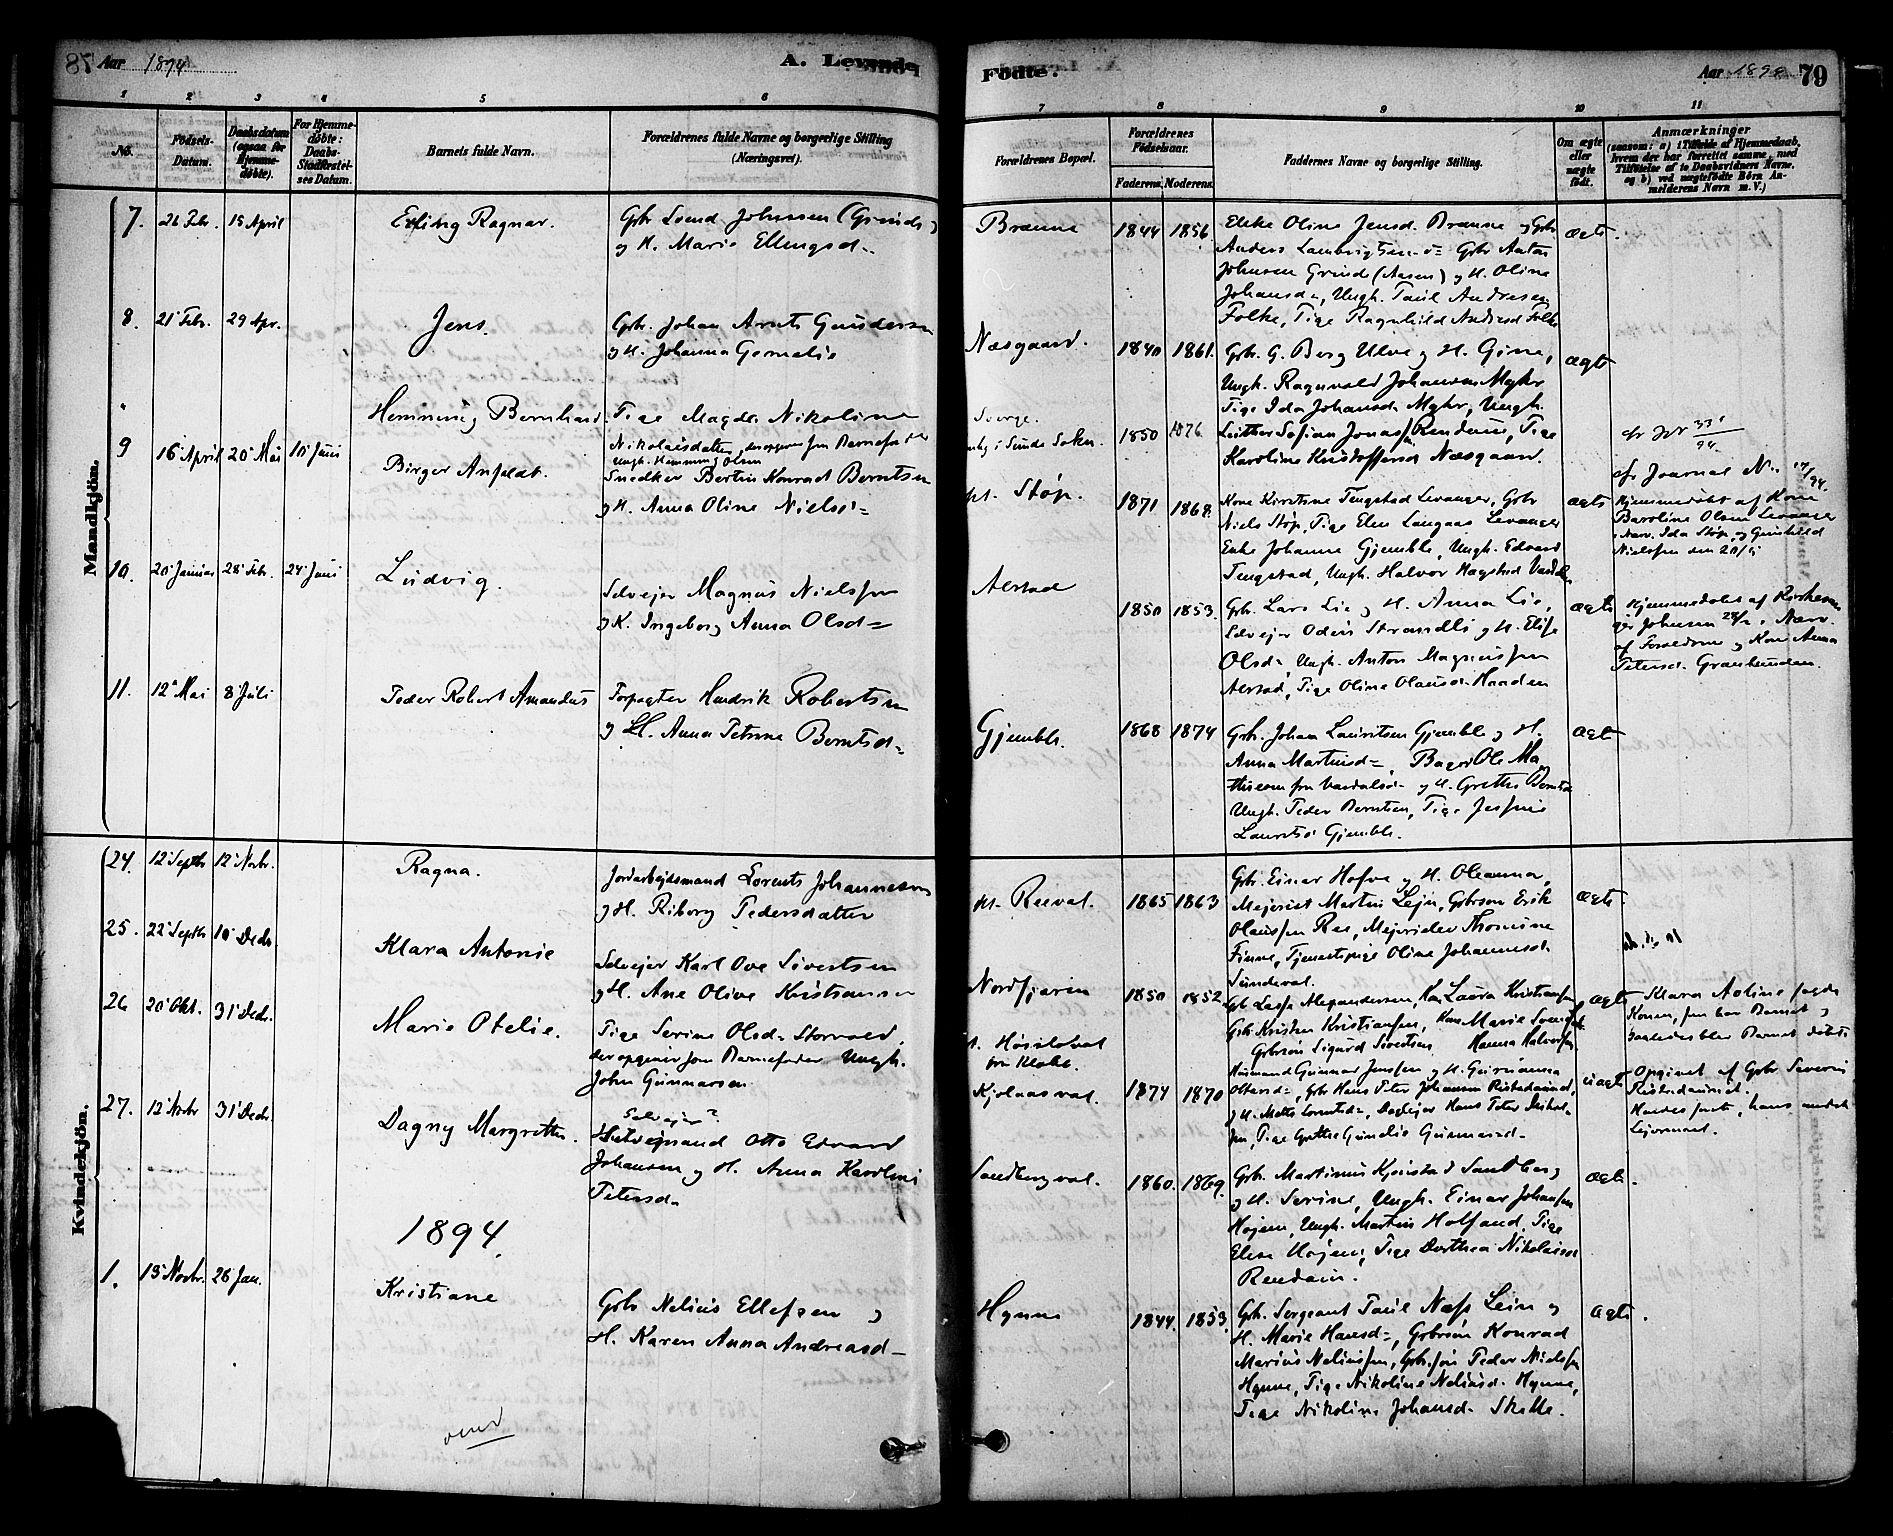 SAT, Ministerialprotokoller, klokkerbøker og fødselsregistre - Nord-Trøndelag, 717/L0159: Ministerialbok nr. 717A09, 1878-1898, s. 79